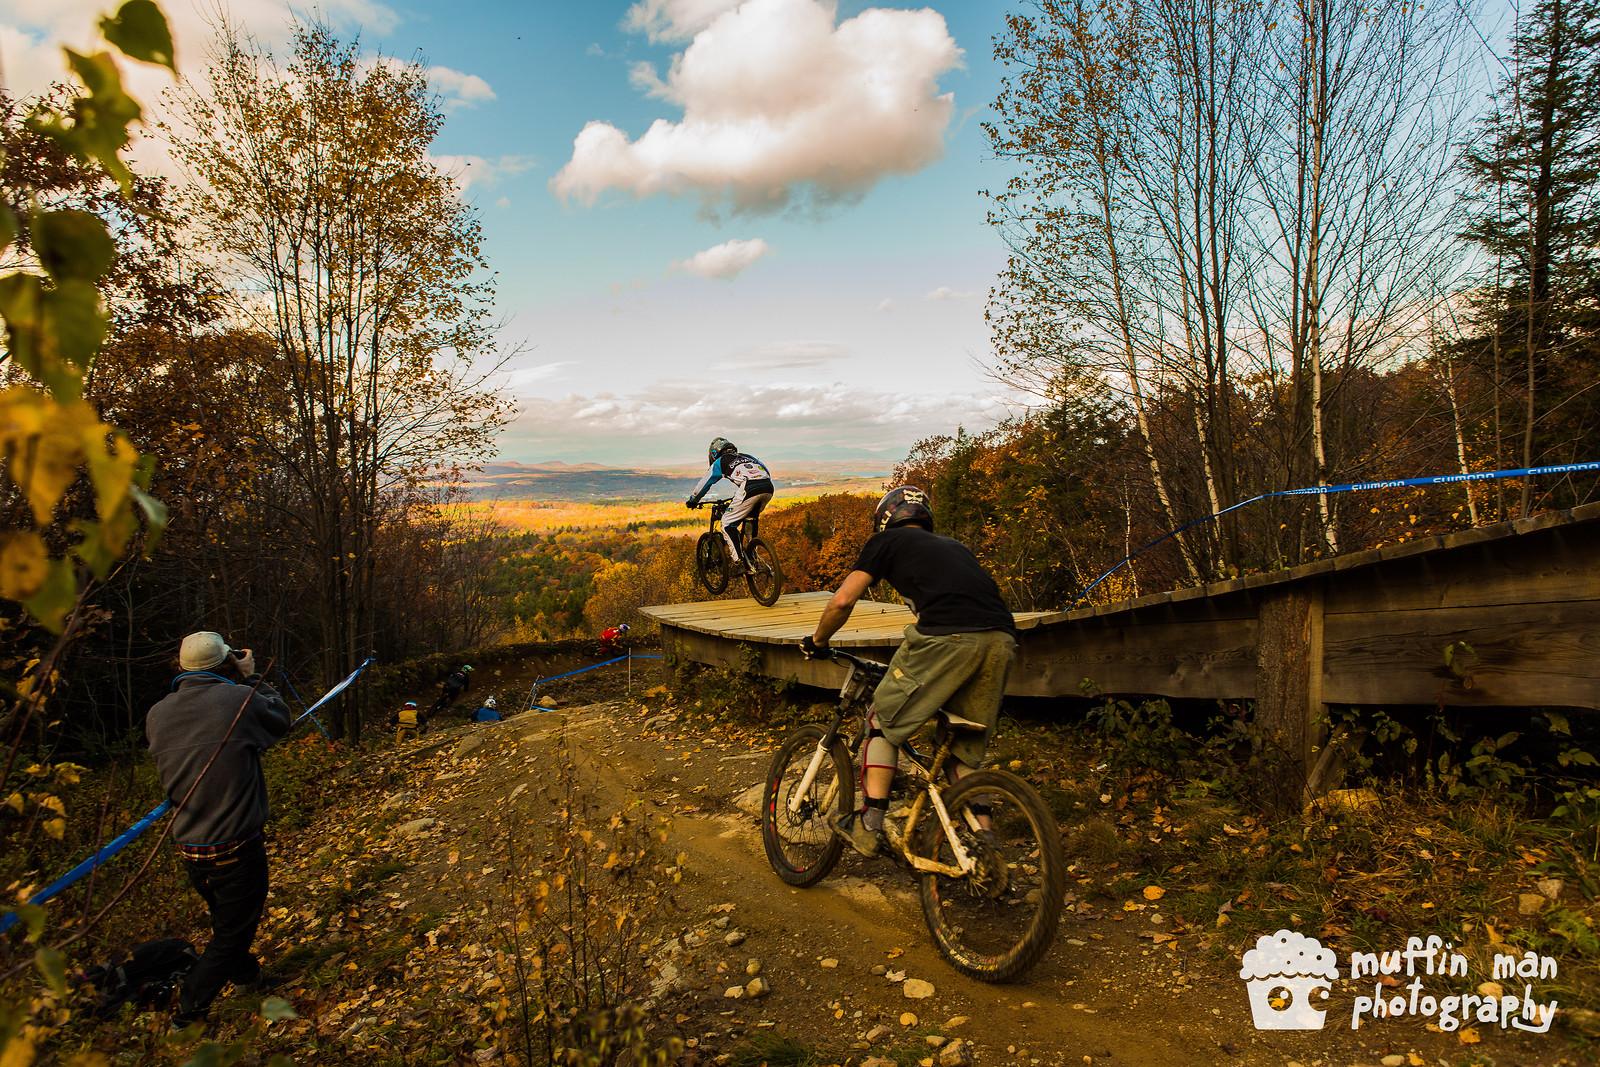 20121021-2I7C0235 - gleb.budilovsky - Mountain Biking Pictures - Vital MTB